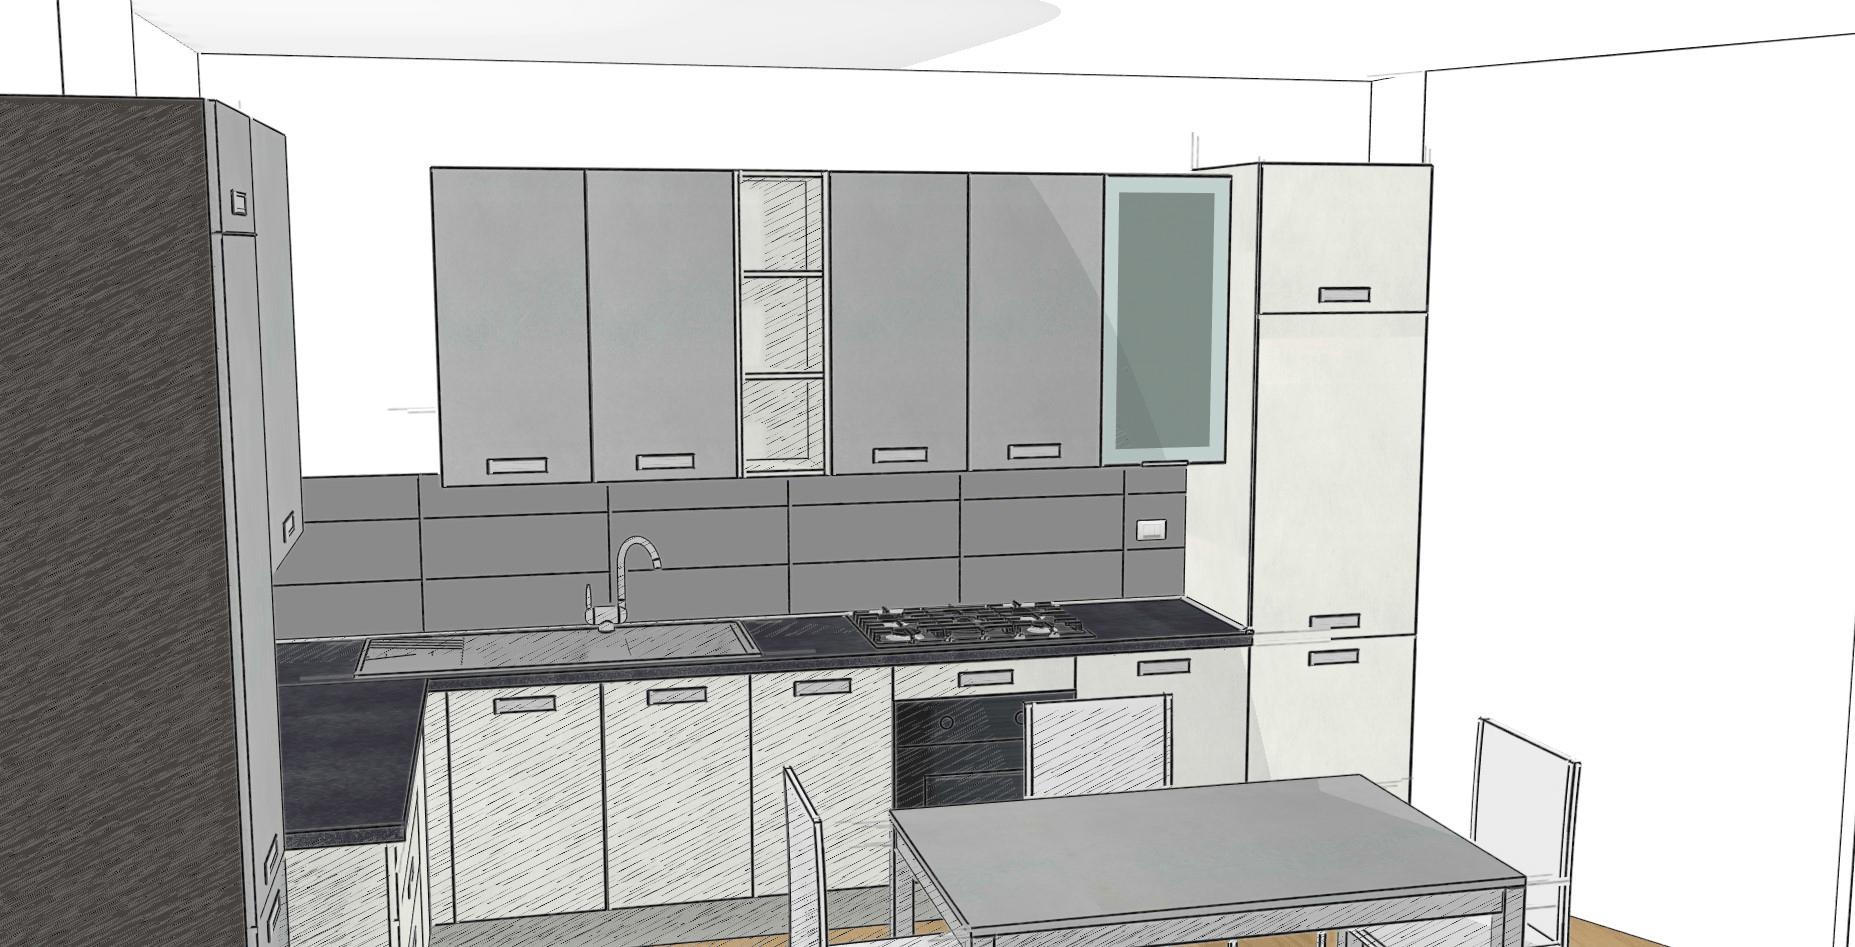 Cucina moderna angolare a rovereto - Progetto cucina angolare ...